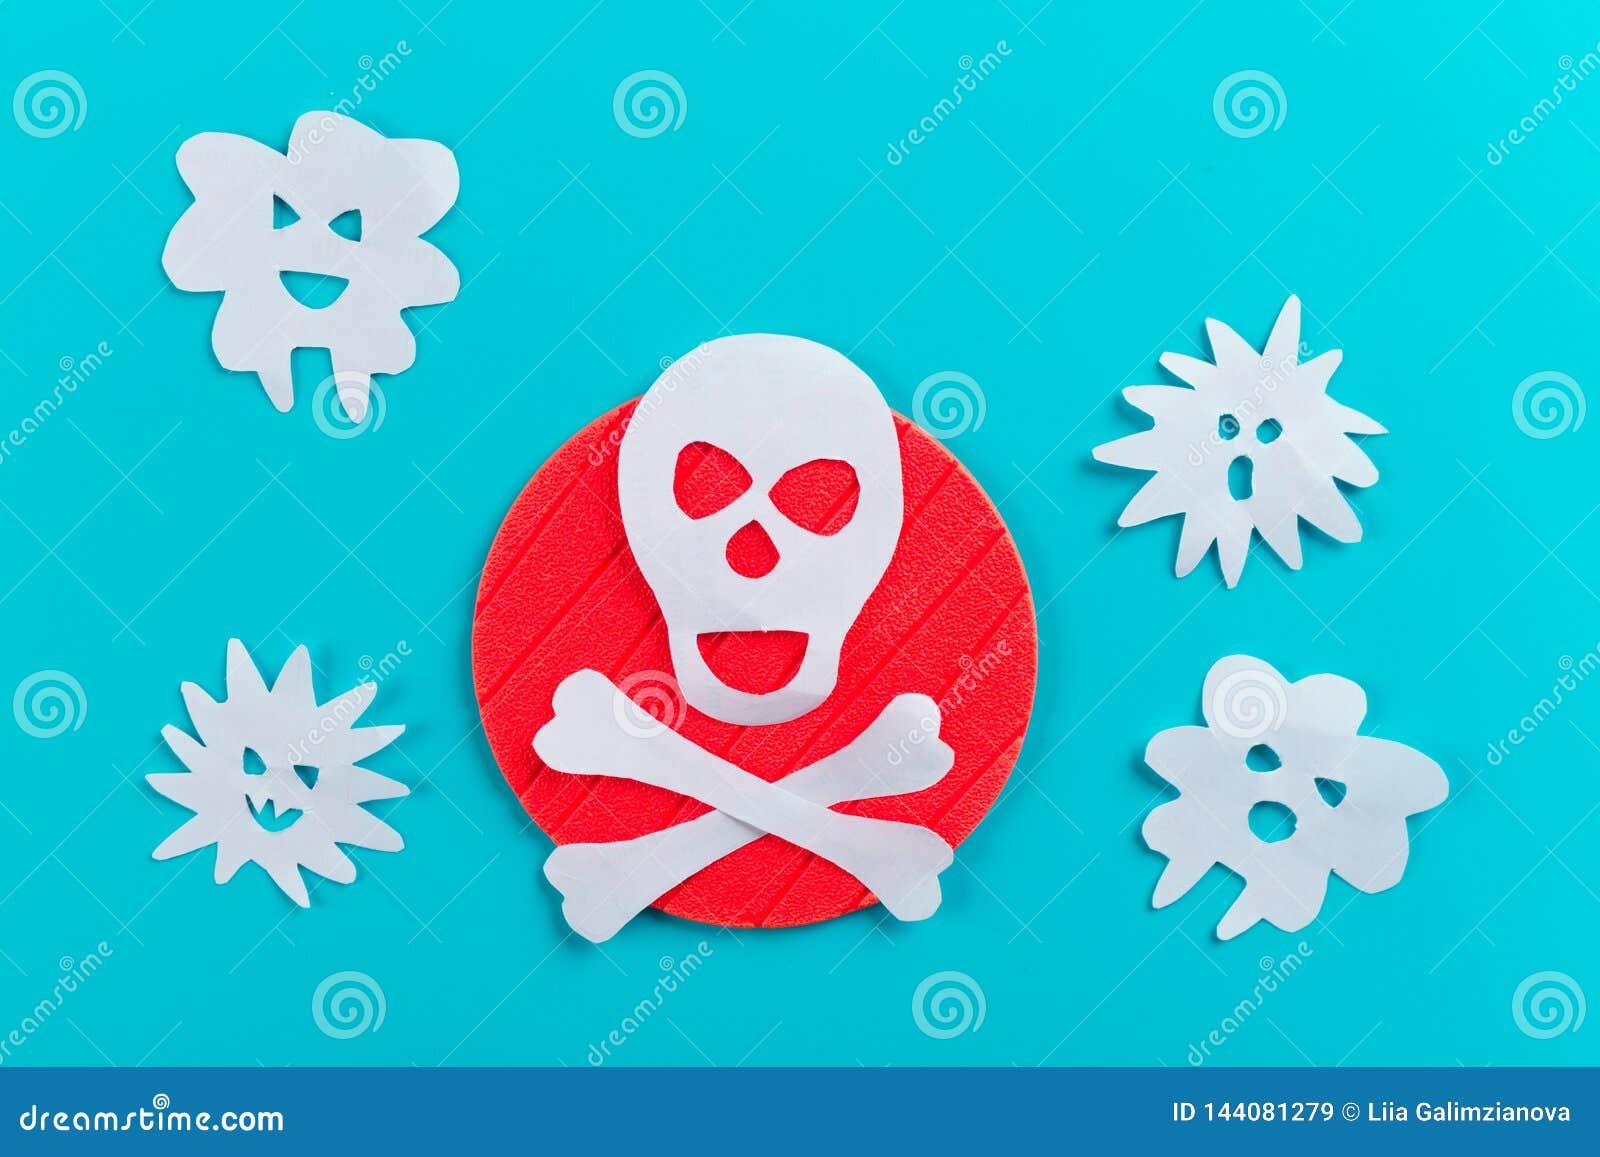 Gefährliches Viruskonzeptbild